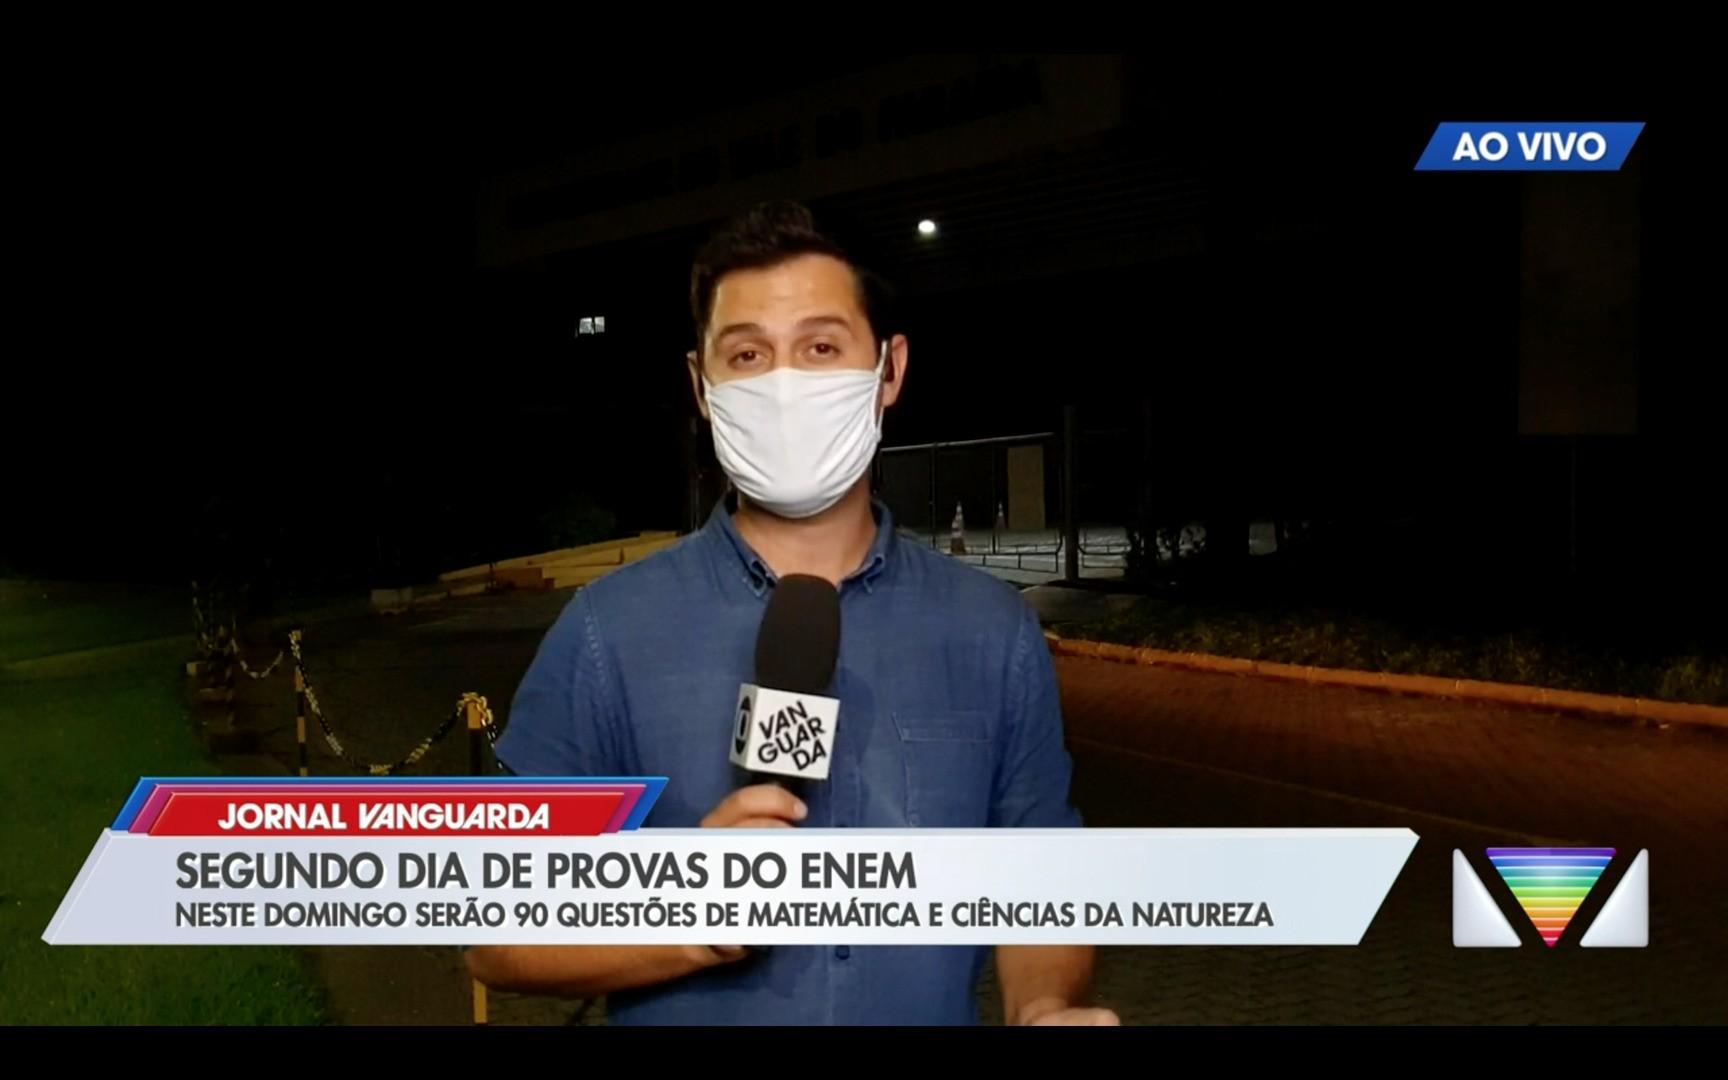 VÍDEOS: Jornal Vanguarda desábado, 23 de janeiro